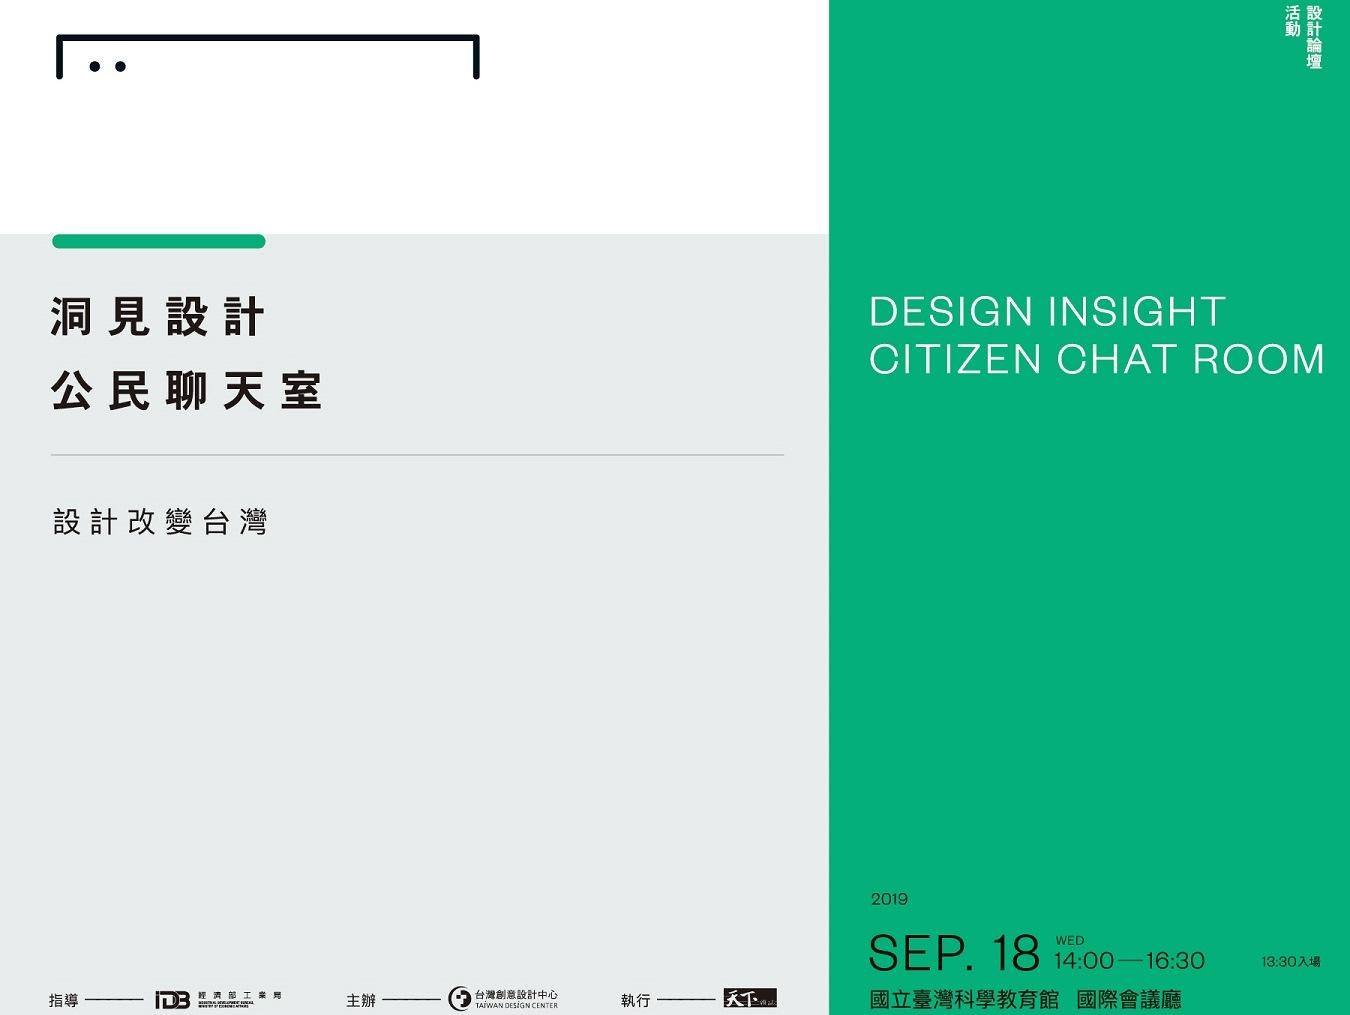 探索台灣設計下一步!洞見設計・公民聊天室9/18台北登場